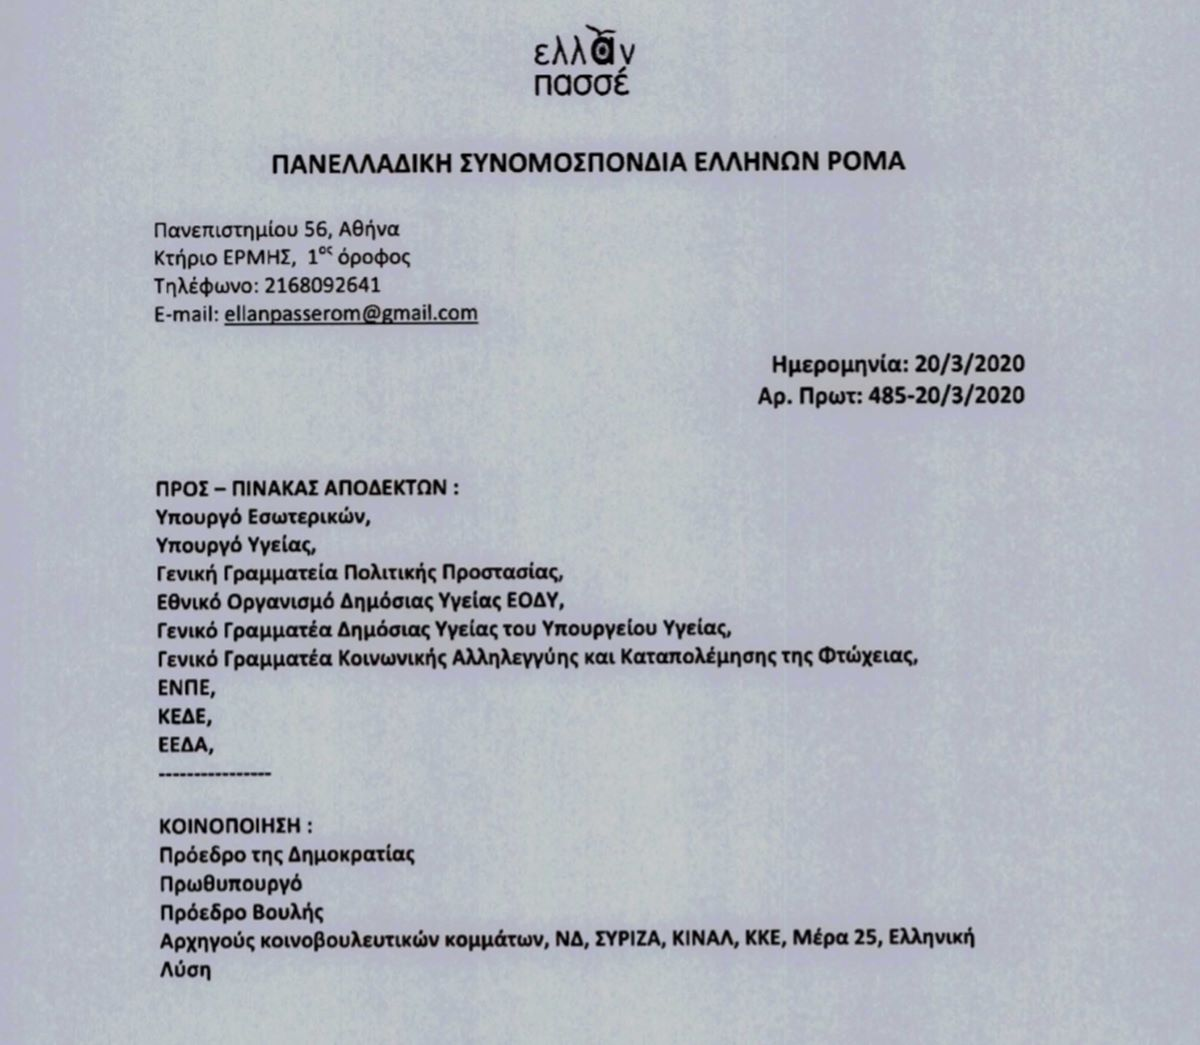 Αναφορά Λαμπρούλη για τη λήψη μέτρων στους 86 καταυλισμούς ρομά στη χώρα